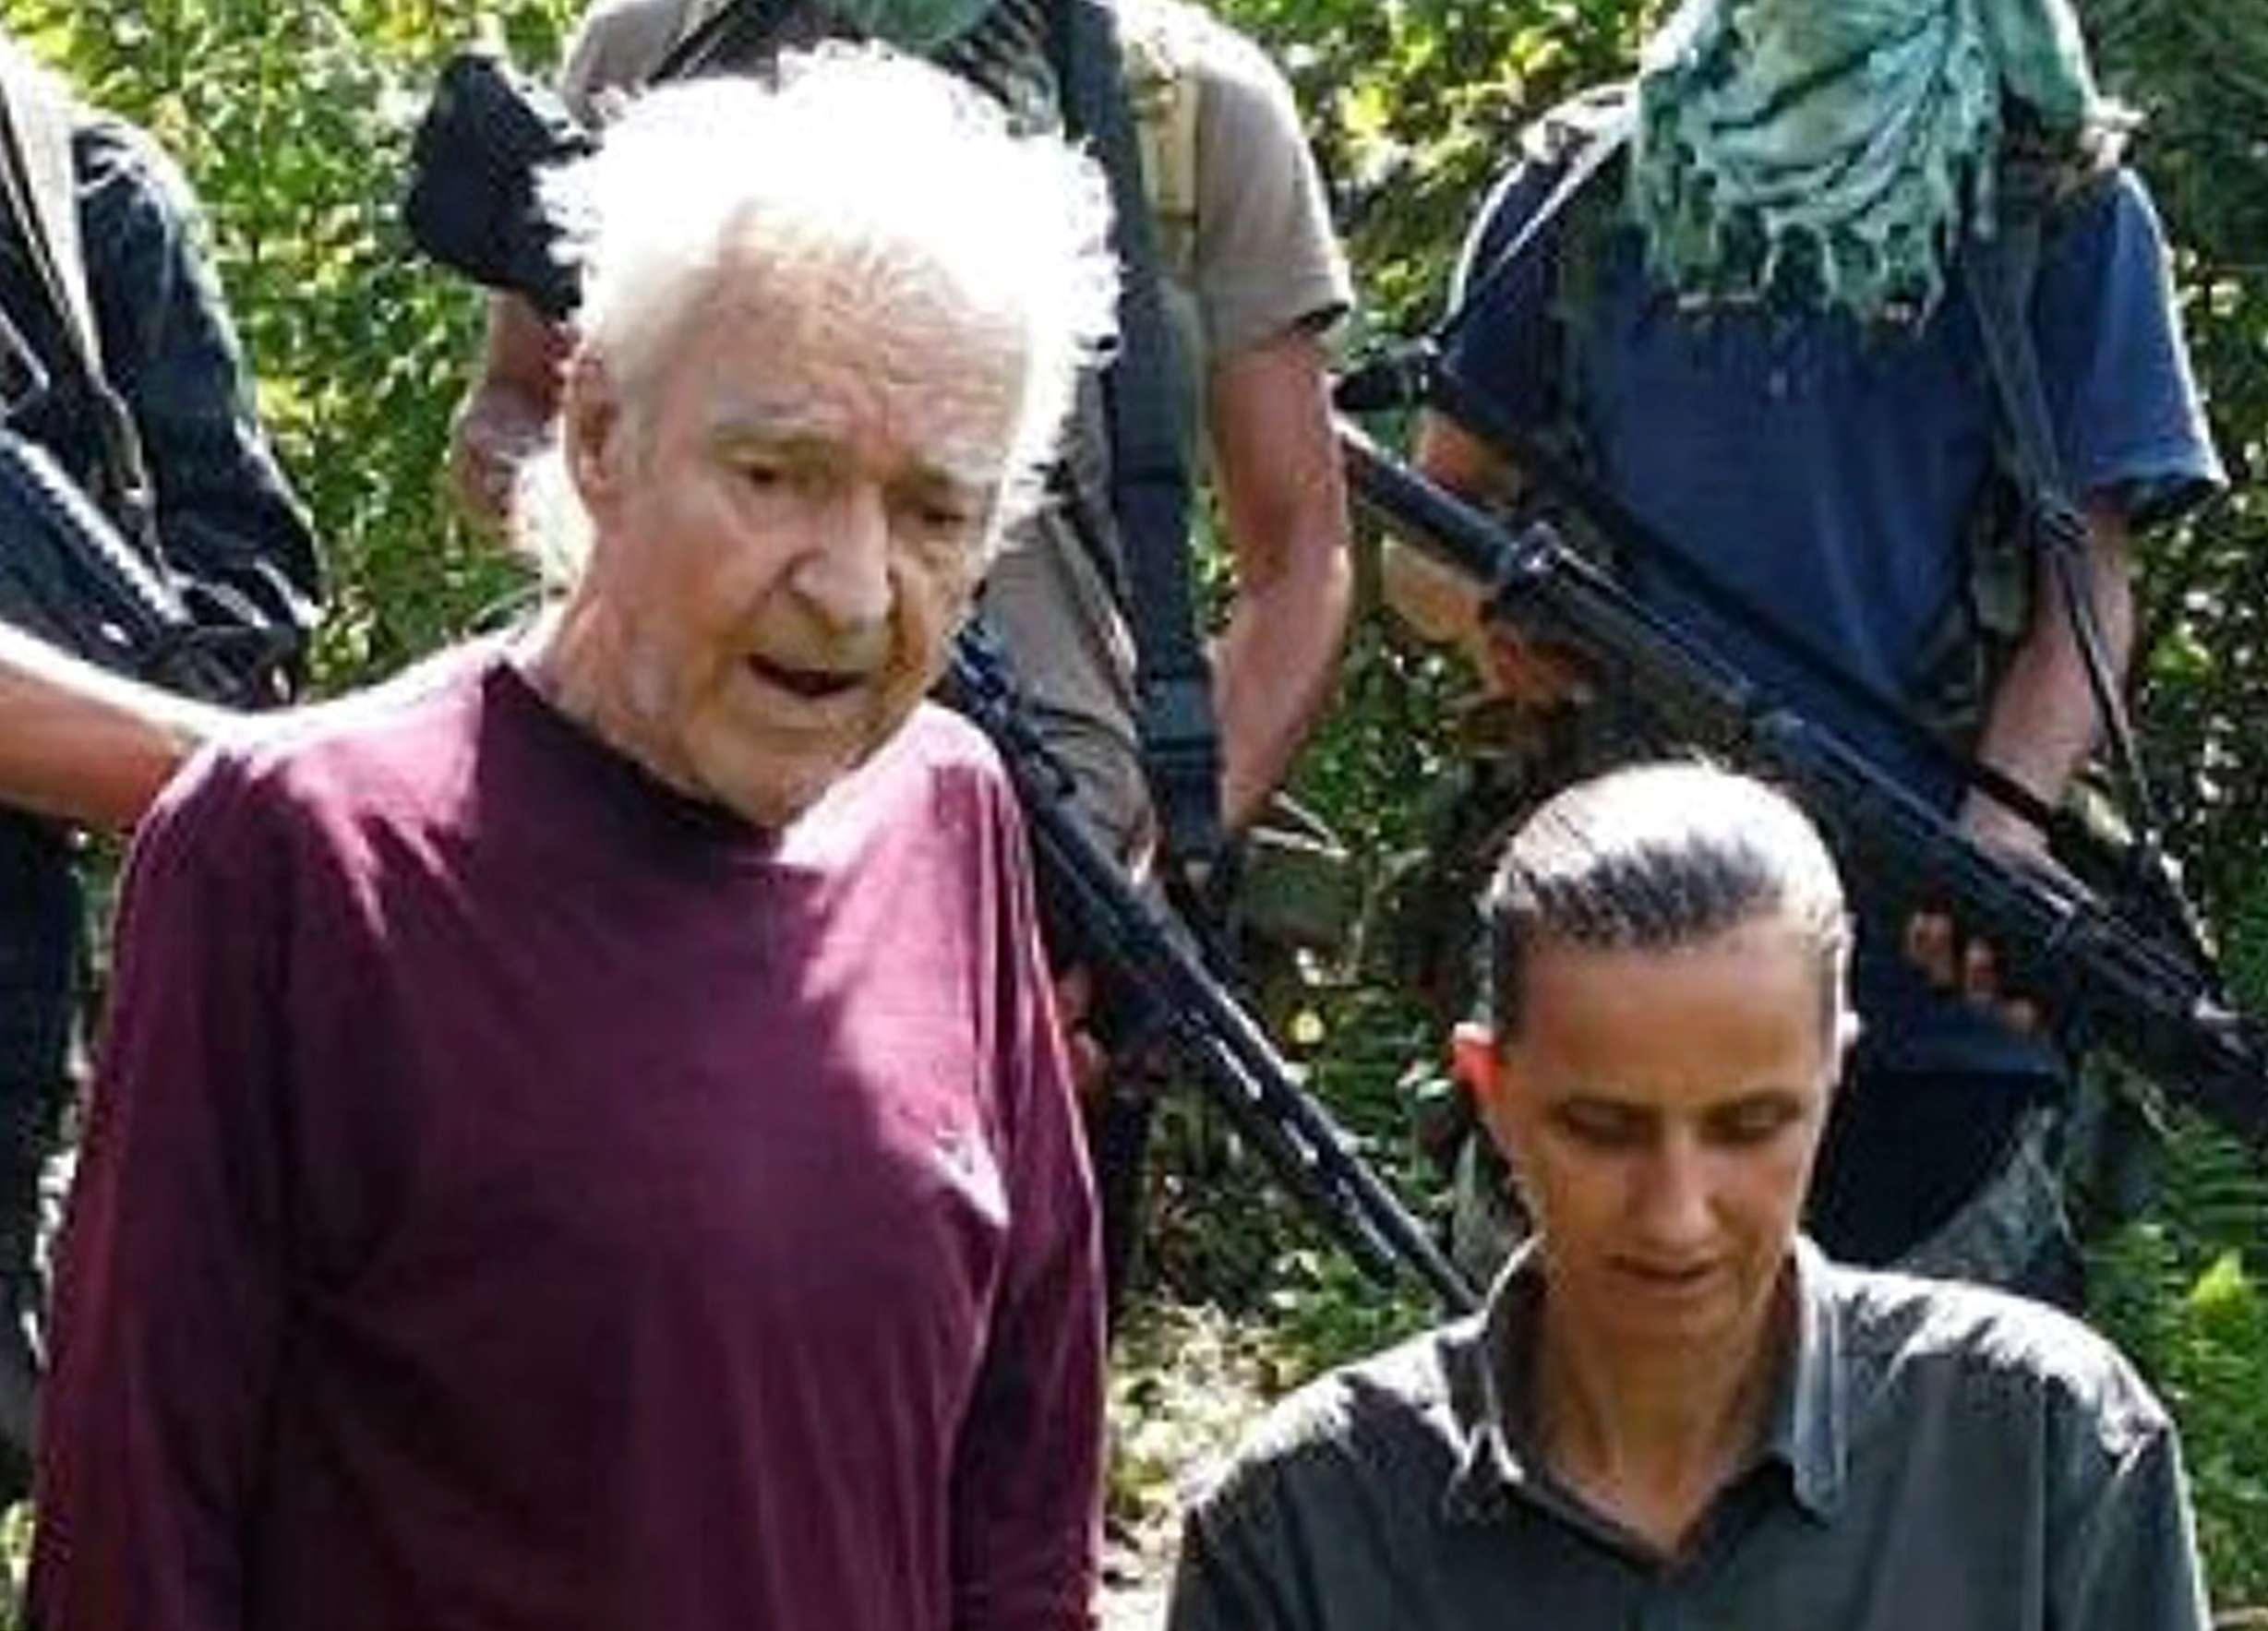 Dois alemães foram feitos reféns nas Filipinas e o grupo islâmico ameaça decapitar um deles no próximo dia 17 Foto: SITE INTELLIGENCE GROUP/AFP